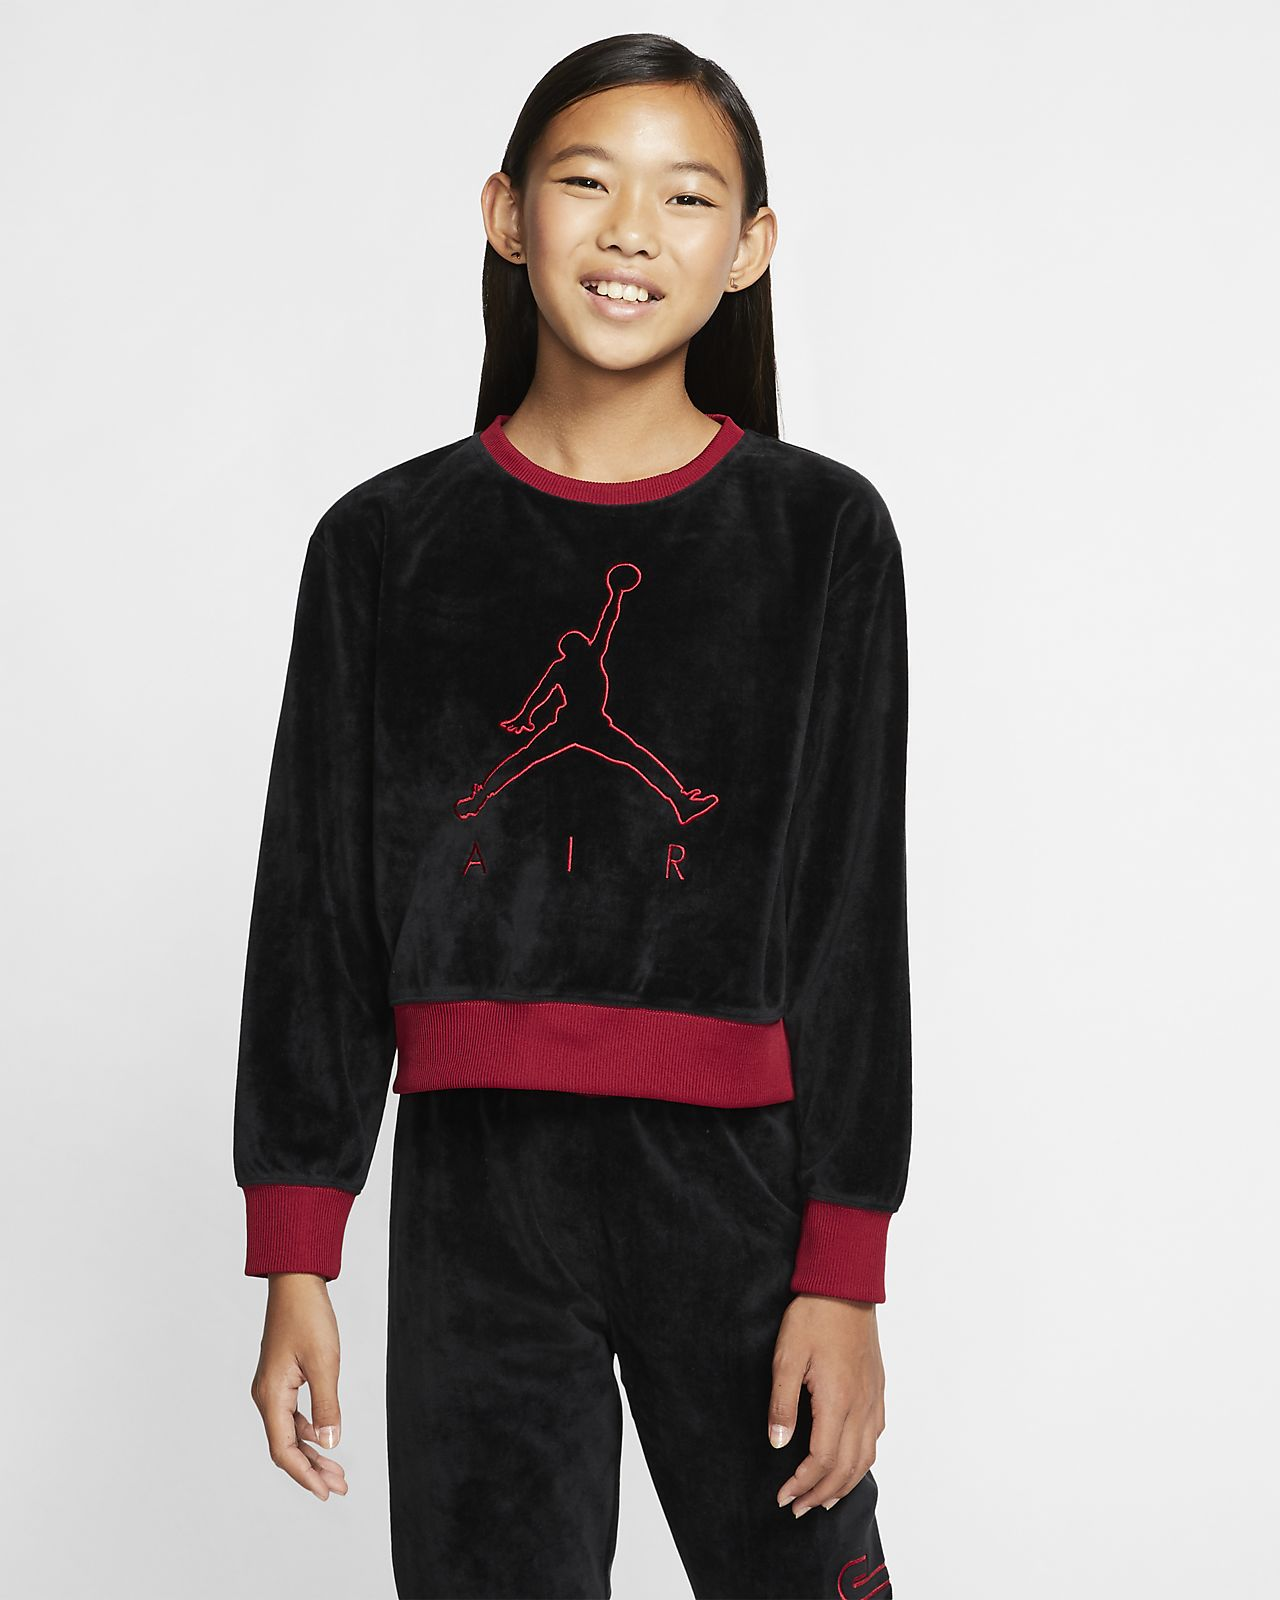 Air Jordan Kort shirt van velours met ronde hals voor meisjes